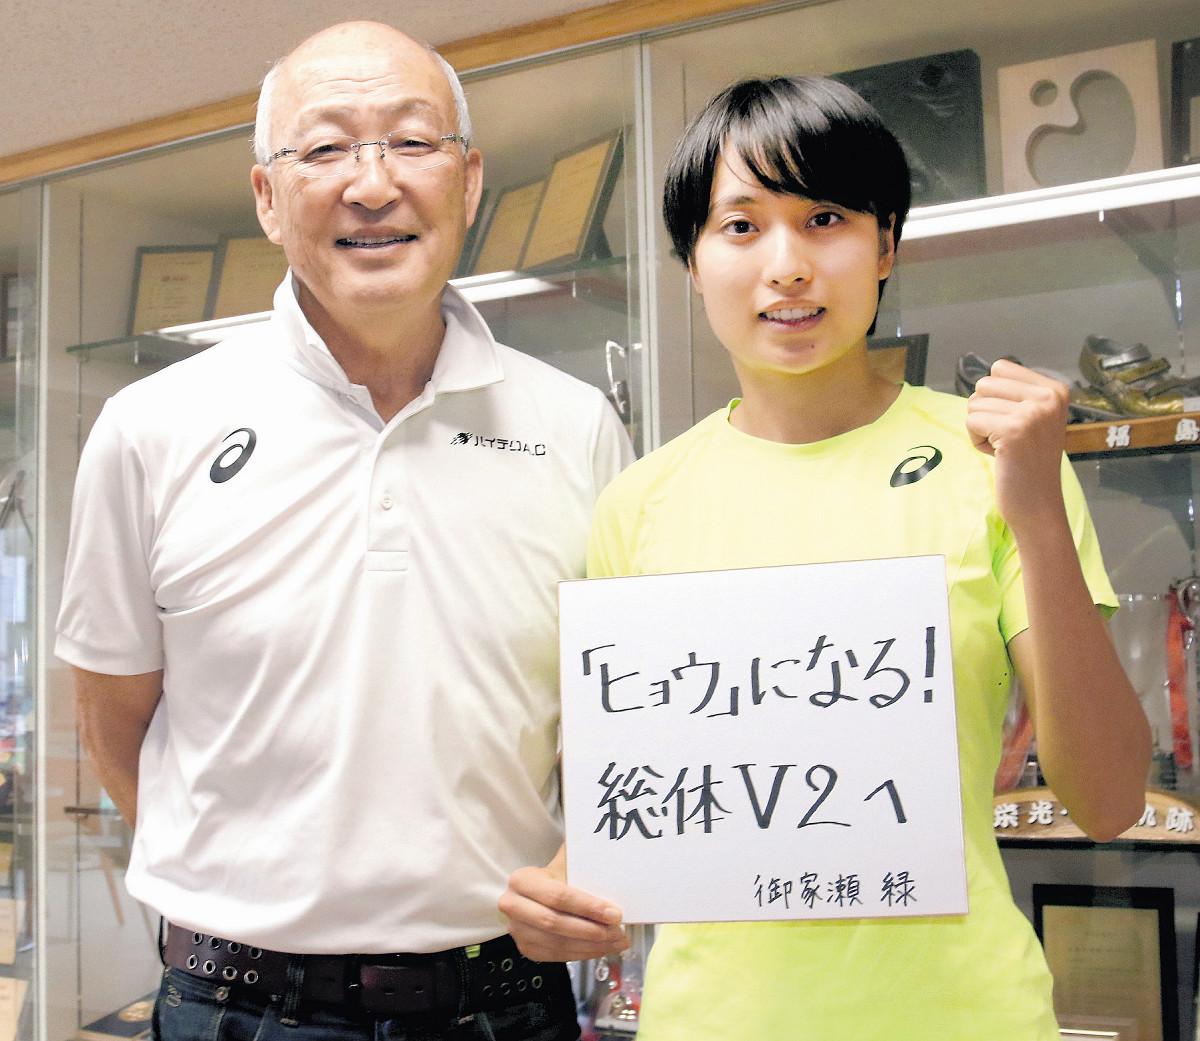 中村監督(左)が命名した「ヒョウ」モードでの総体連覇を誓う御家瀬